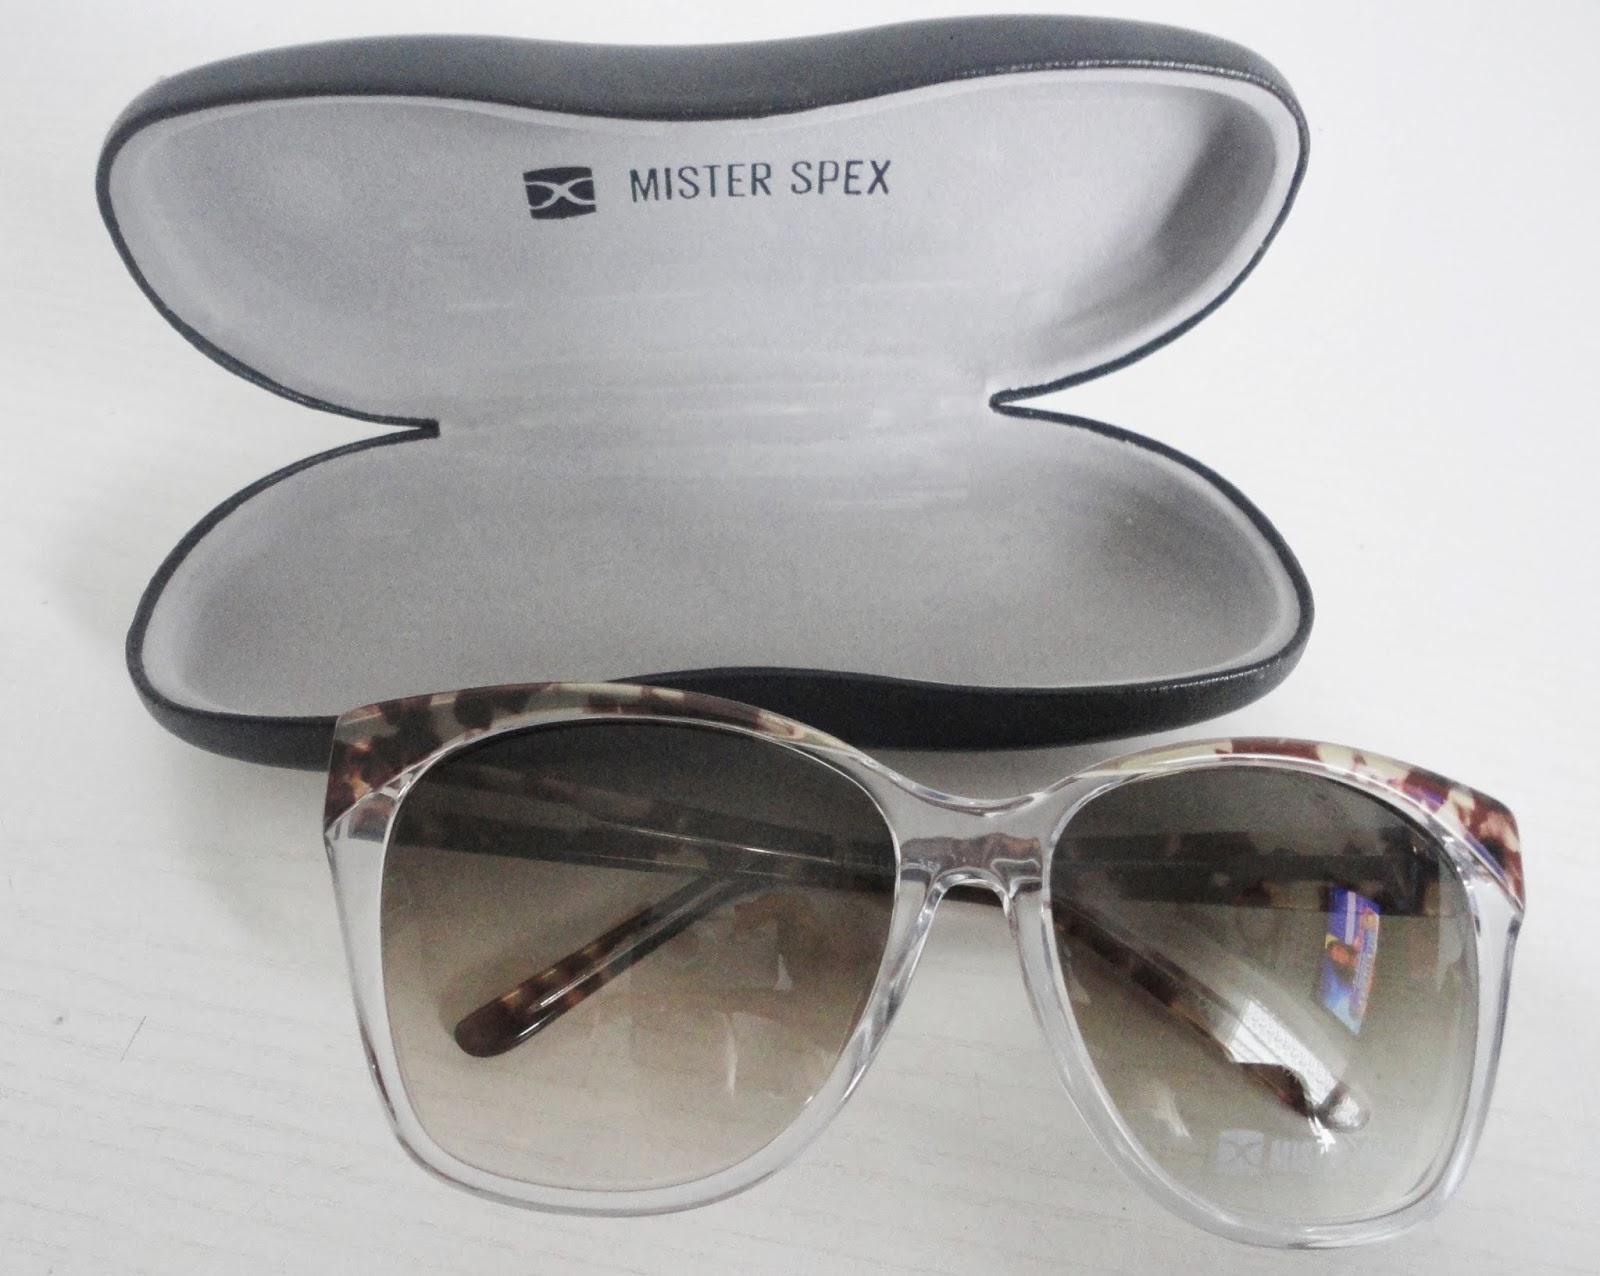 mister-spex-gafas-sol